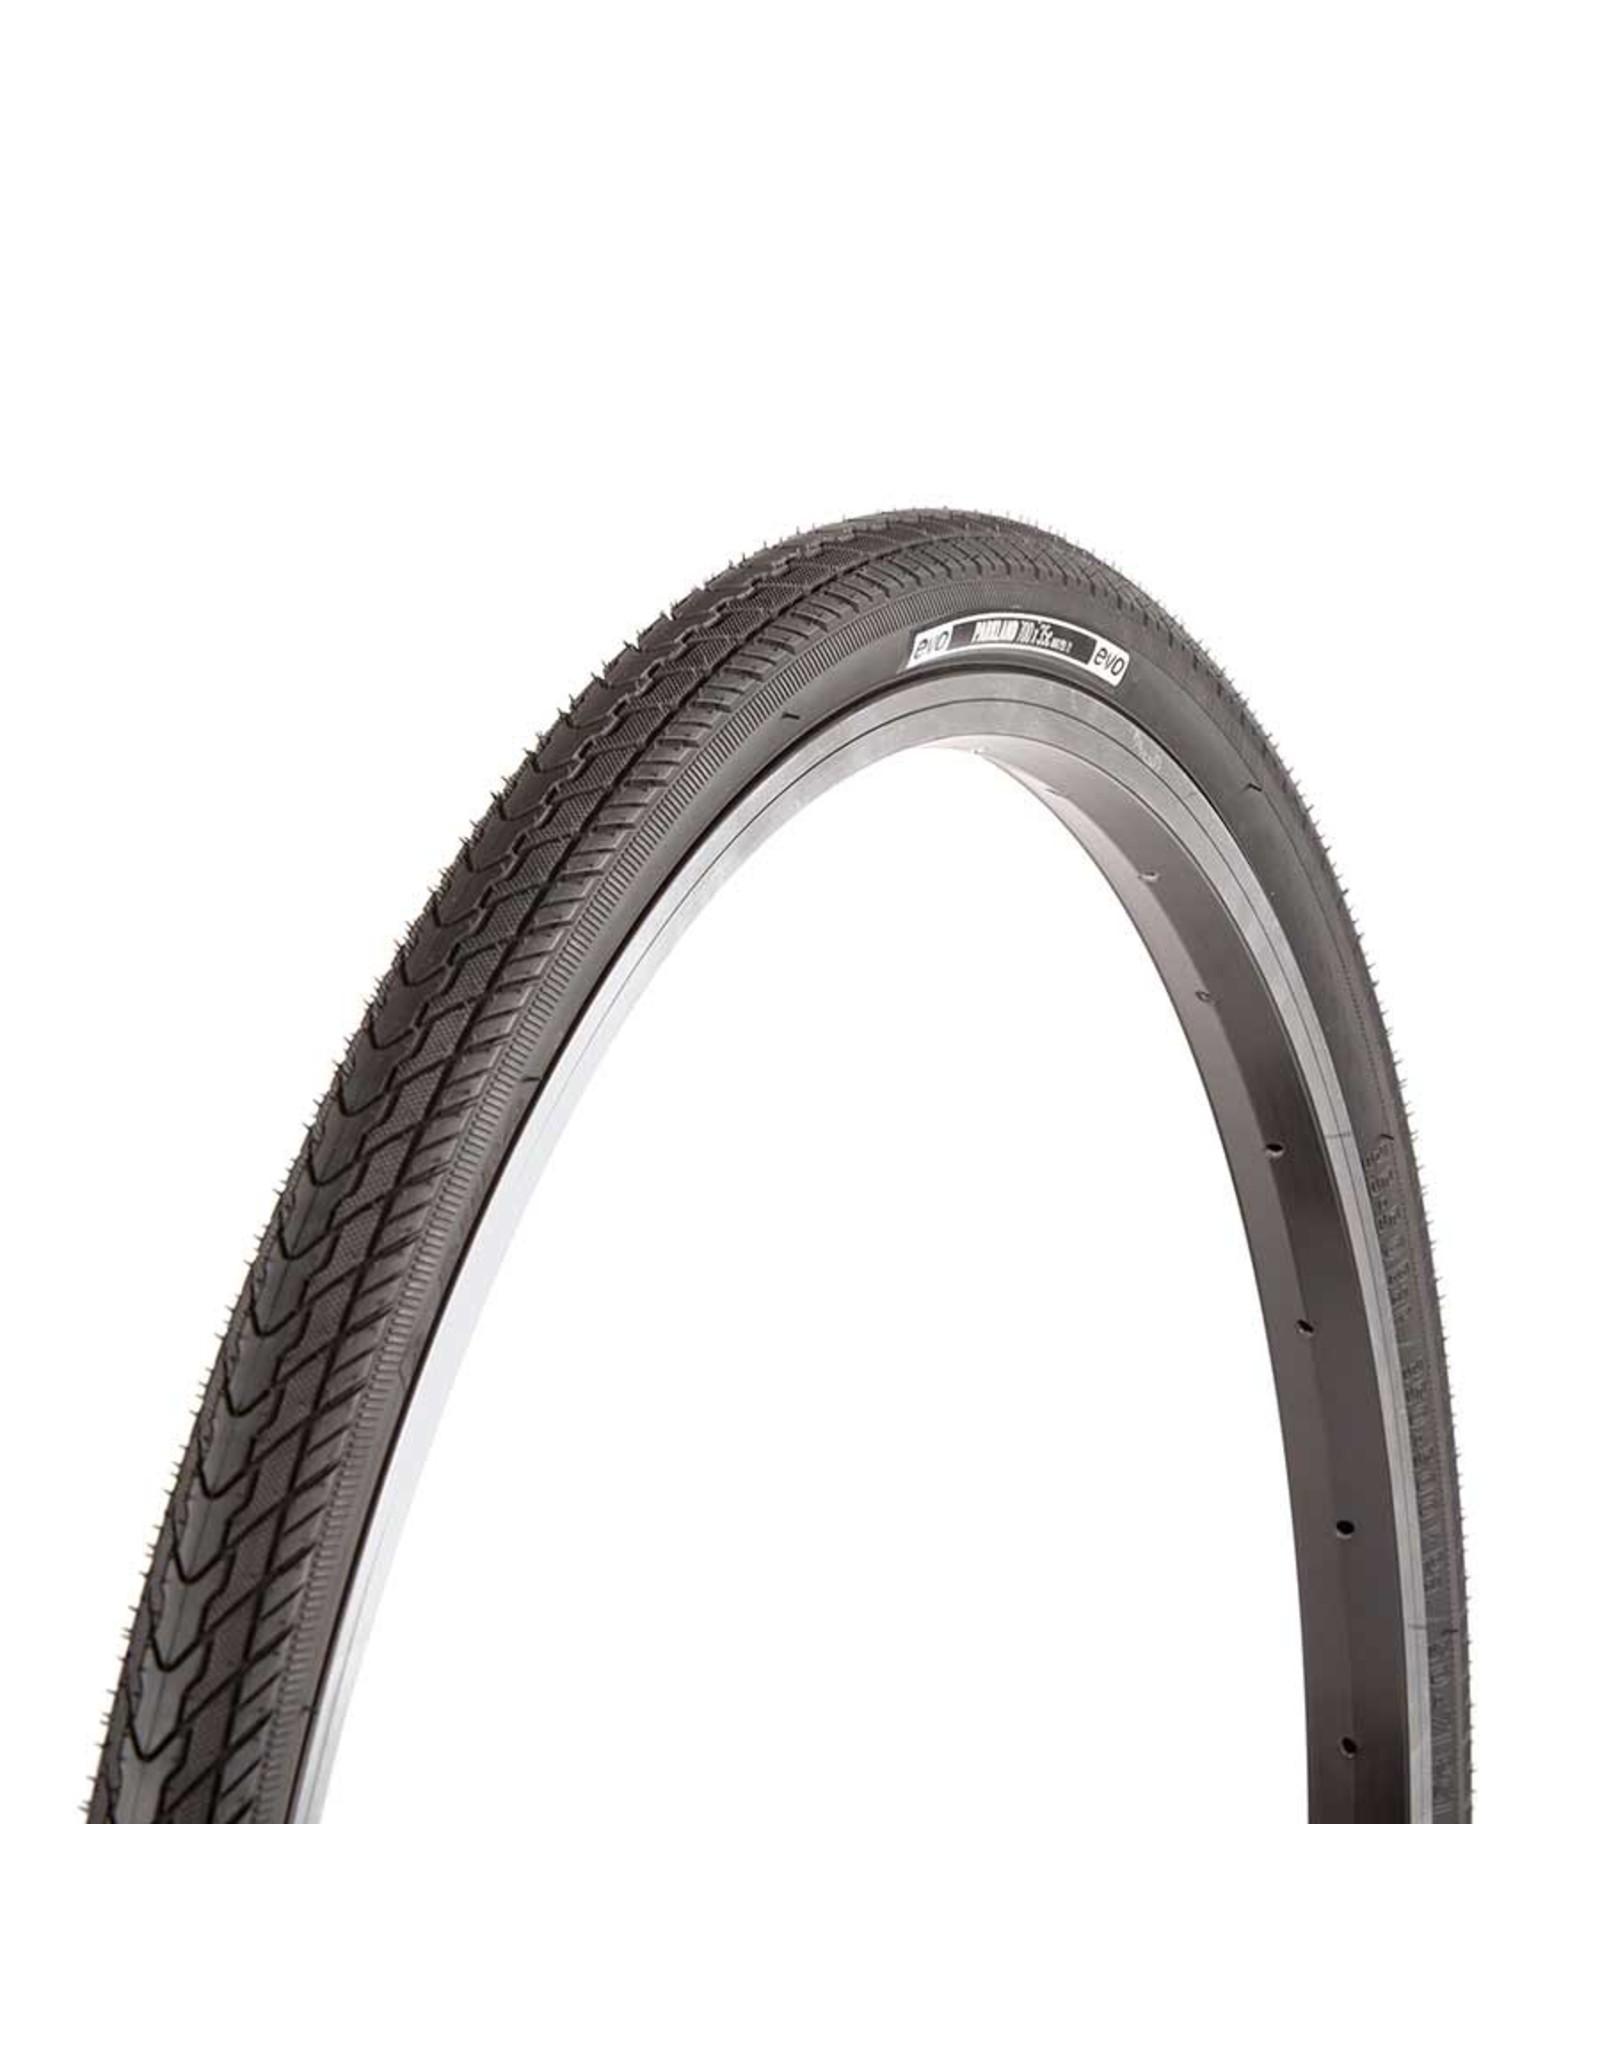 EVO, Parkland, Tire, 26''x1.50, Wire, Clincher, Black